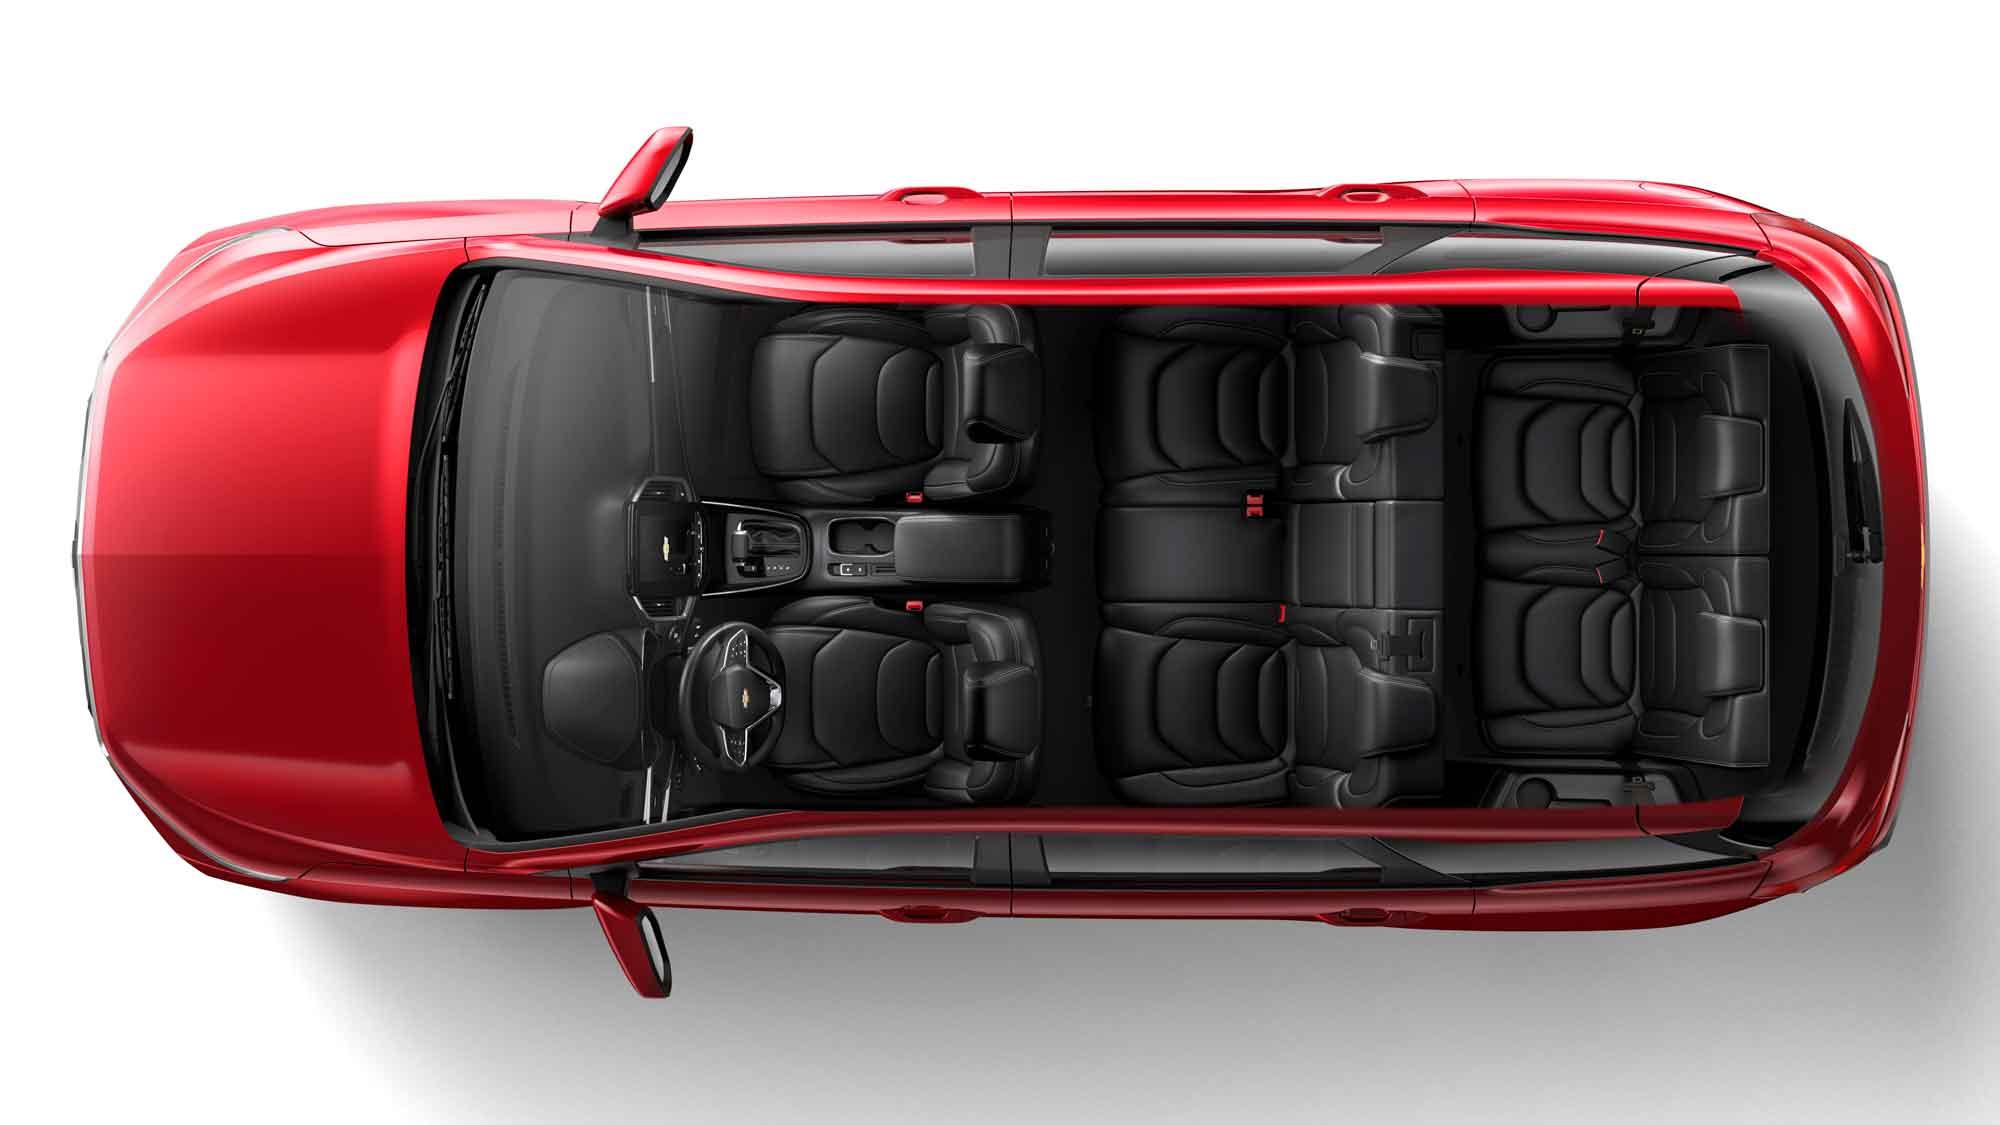 La nueva SUV compacta es impulsada por un motor turbo eficiente de 1.5L con 144hp de potencia y 250 Nm de torque.